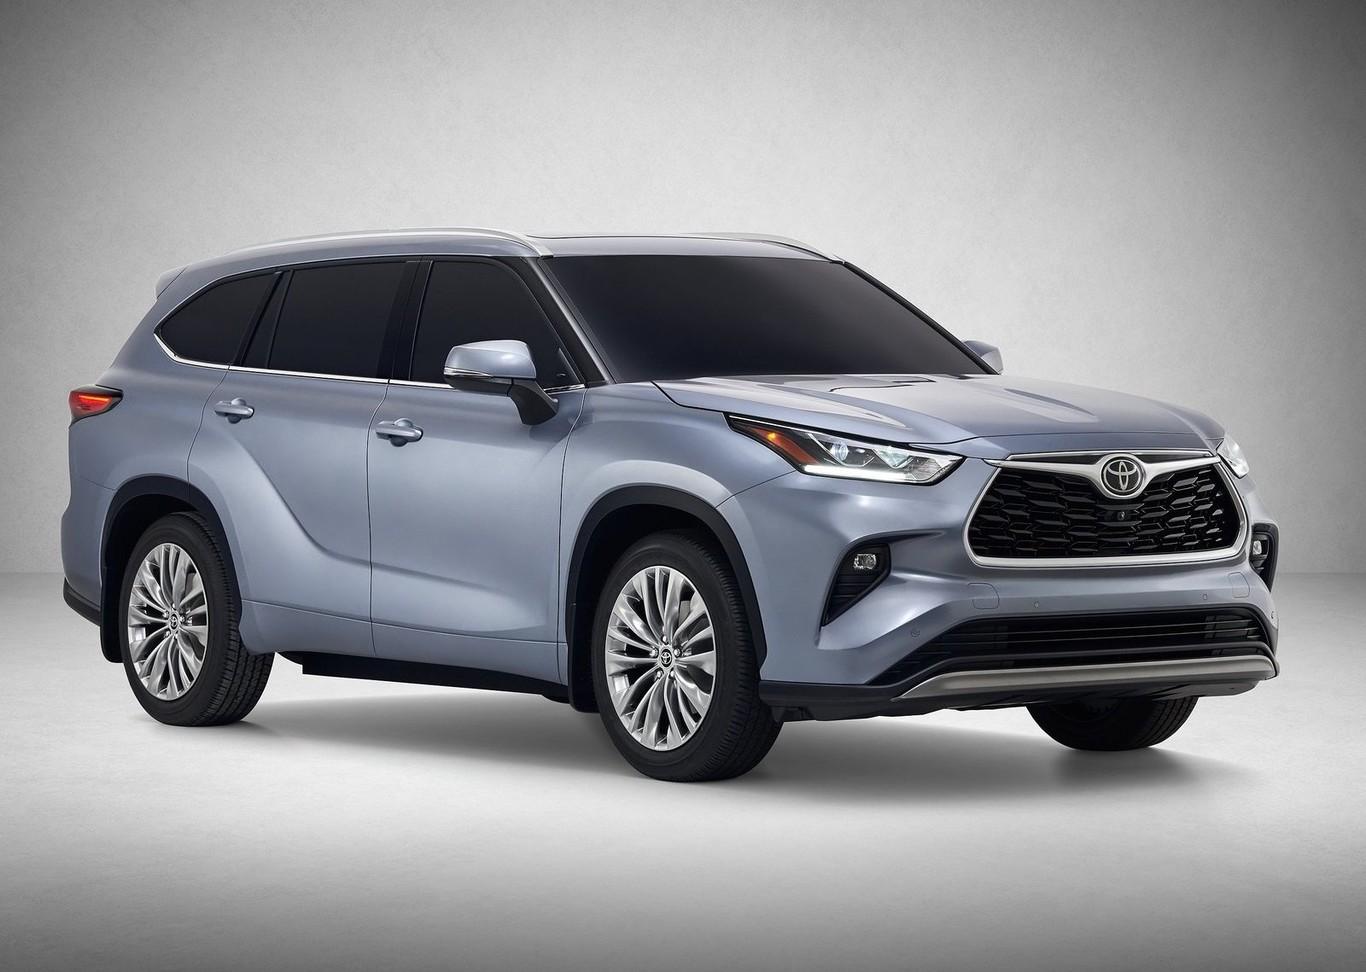 Toyota Highlander 2020: Más equipado, refinado y hasta con versión híbrida